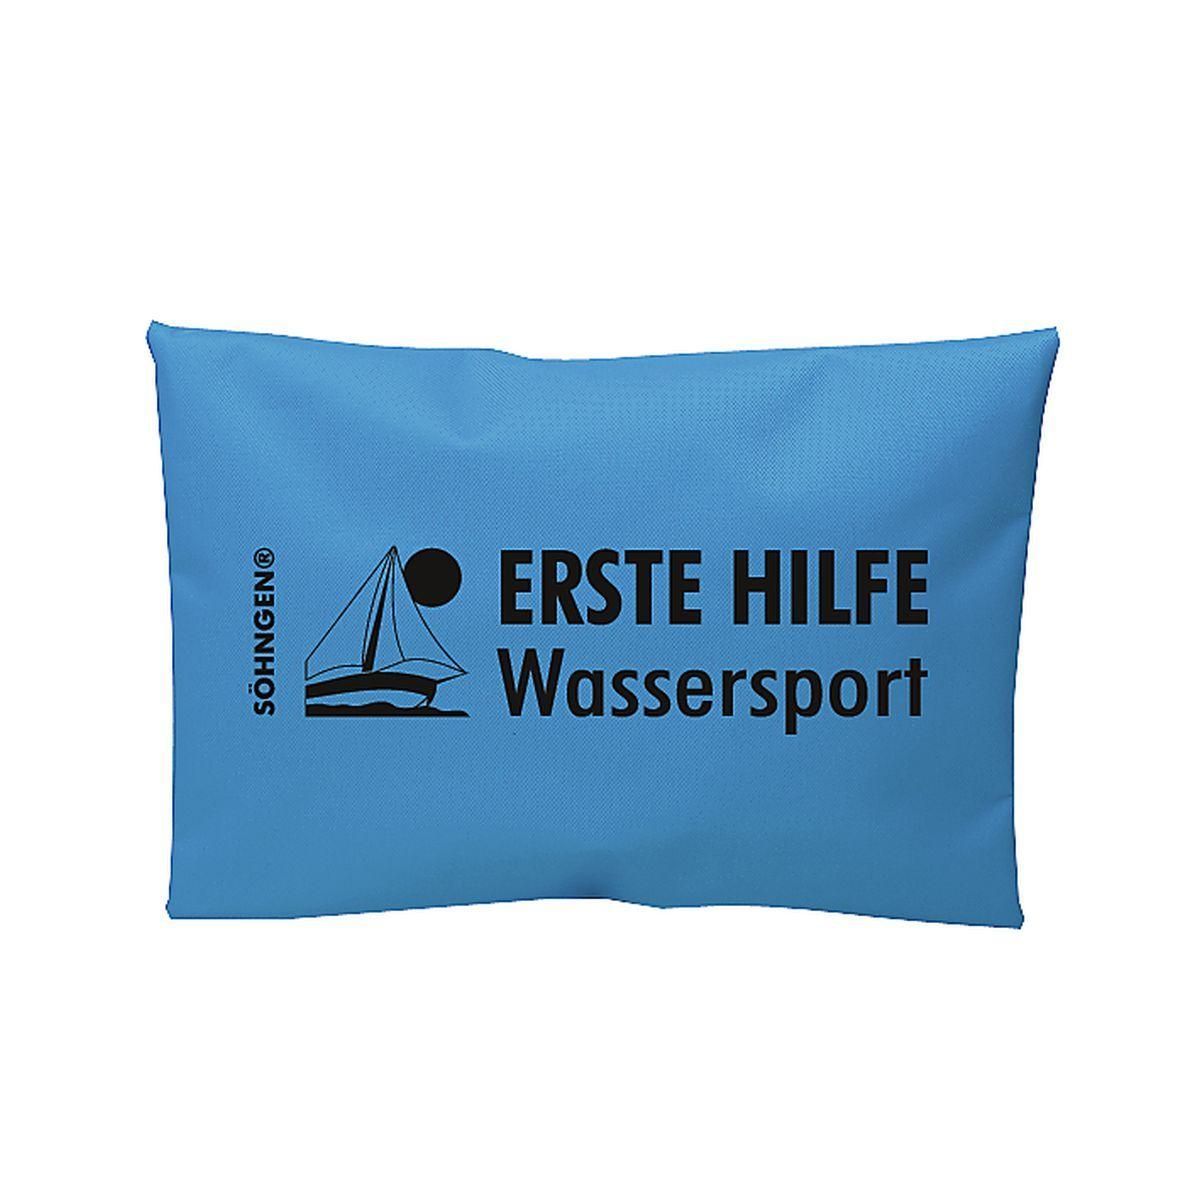 Erste Hilfe Wassersport blau